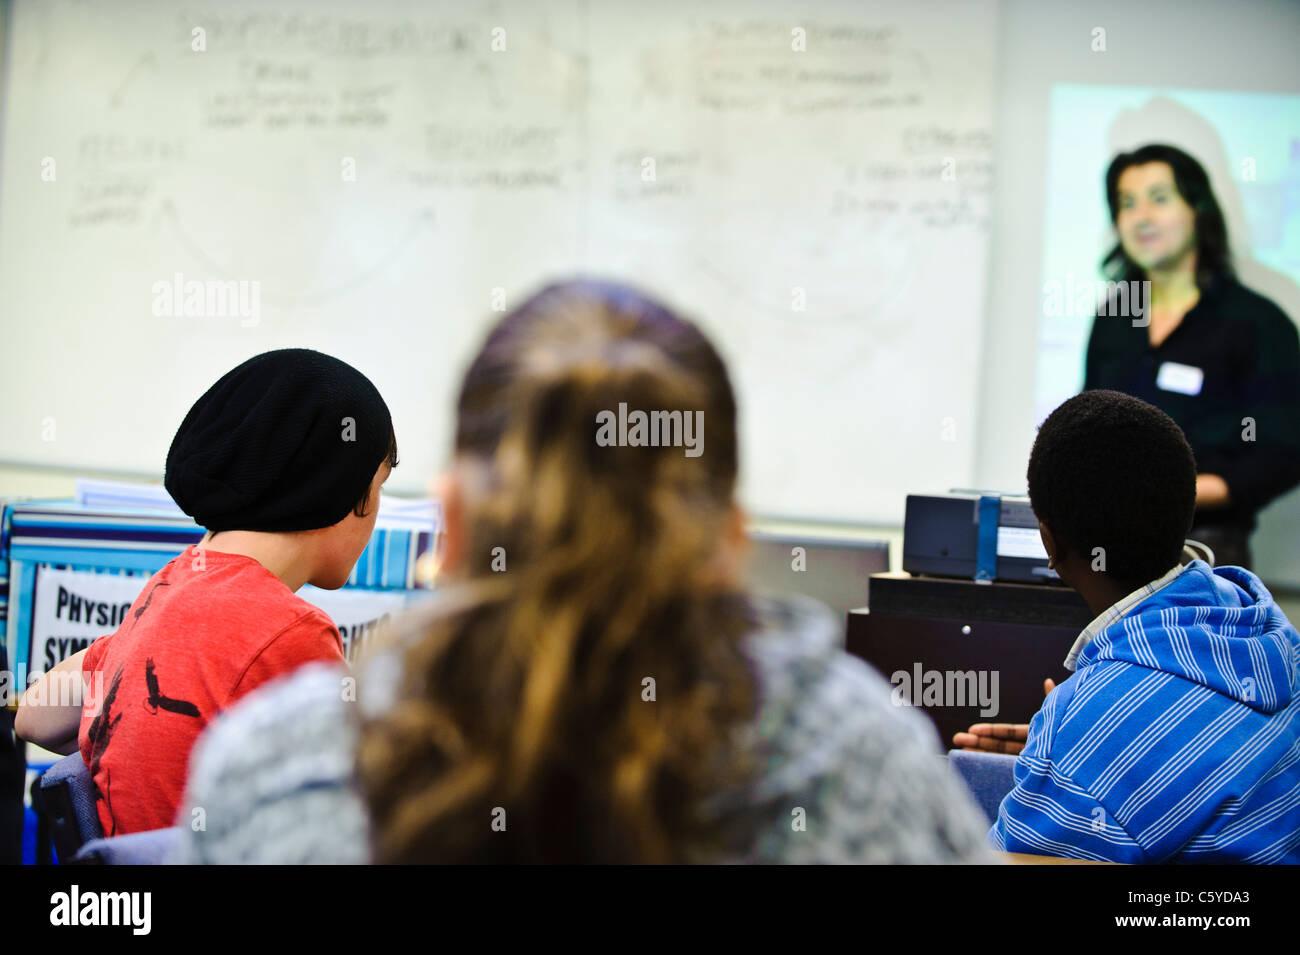 Les enfants âgés de 12-13 ans dans la salle de classe derrière l'appareil photo vers l'enseignant Photo Stock